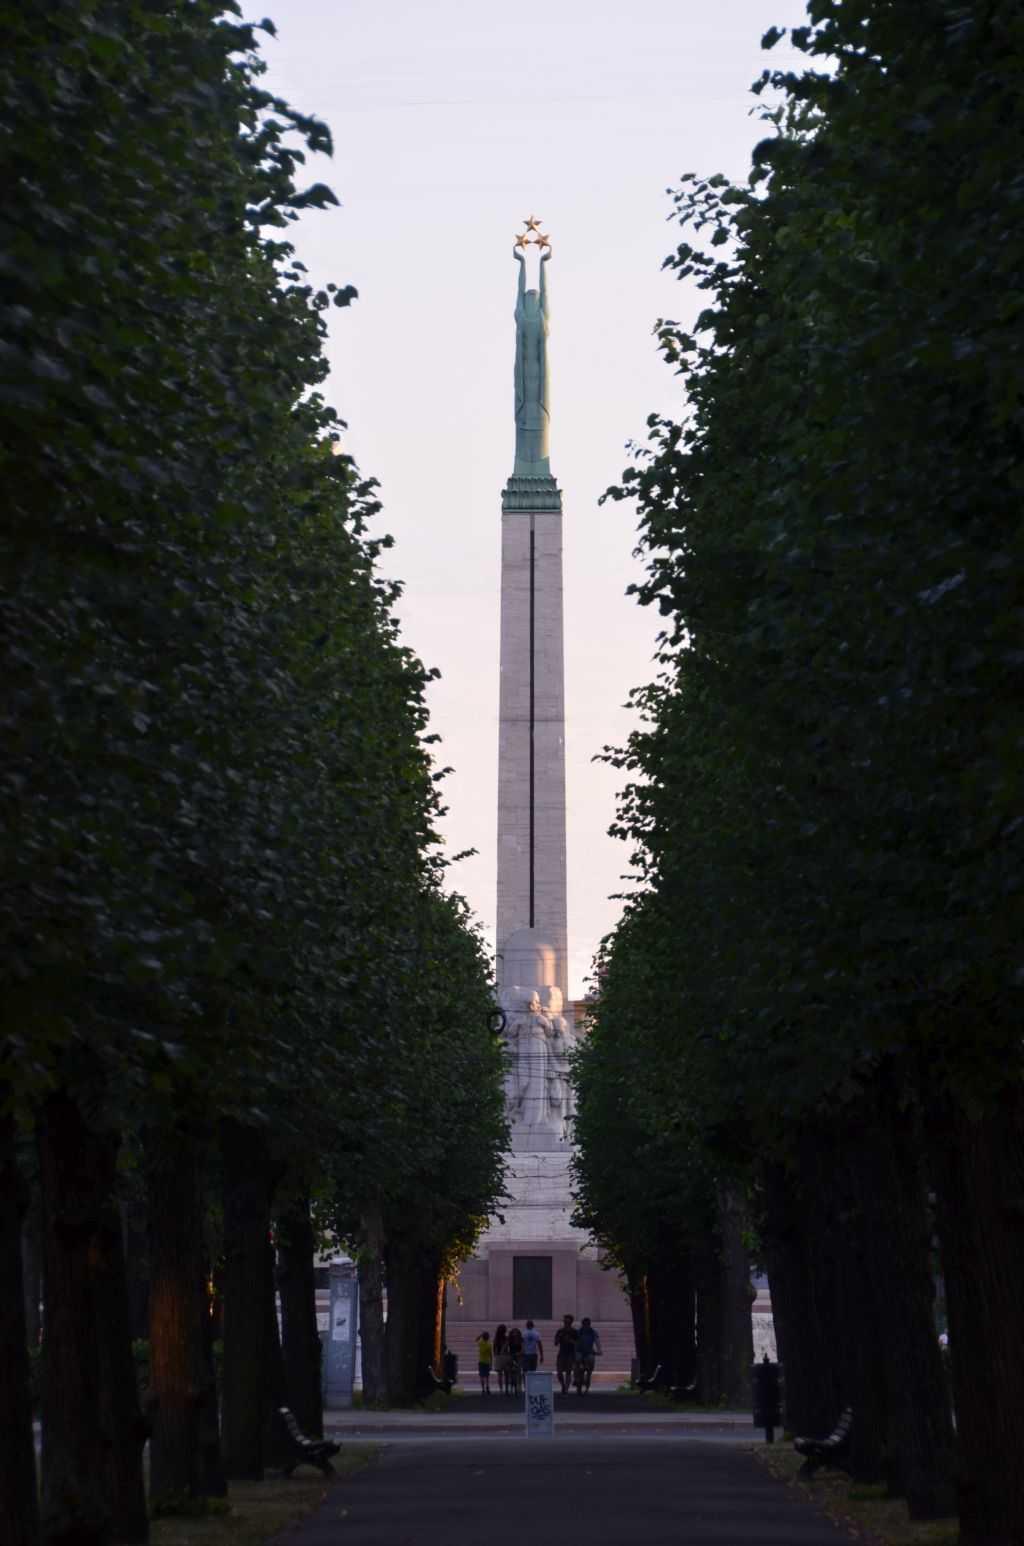 Letonyalı heykeltıraş Kārlis Zāle tarafından tasarlanan özgürlük anıtı…